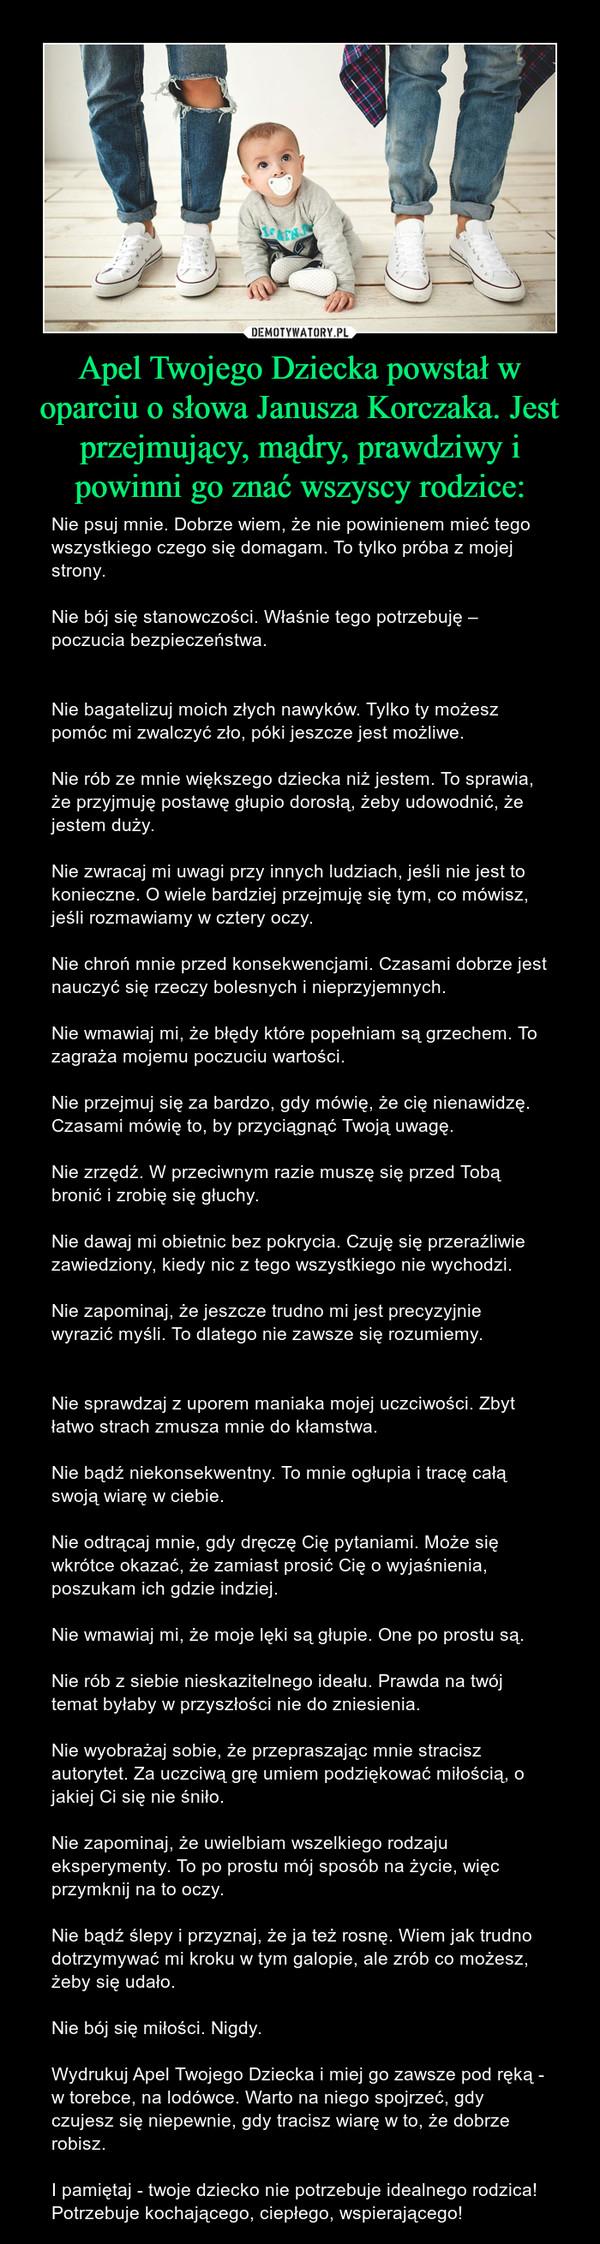 Apel Twojego Dziecka powstał w oparciu o słowa Janusza Korczaka. Jest przejmujący, mądry, prawdziwy i powinni go znać wszyscy rodzice: – Nie psuj mnie. Dobrze wiem, że nie powinienem mieć tego wszystkiego czego się domagam. To tylko próba z mojej strony.Nie bój się stanowczości. Właśnie tego potrzebuję – poczucia bezpieczeństwa.Nie bagatelizuj moich złych nawyków. Tylko ty możesz pomóc mi zwalczyć zło, póki jeszcze jest możliwe.Nie rób ze mnie większego dziecka niż jestem. To sprawia, że przyjmuję postawę głupio dorosłą, żeby udowodnić, że jestem duży.Nie zwracaj mi uwagi przy innych ludziach, jeśli nie jest to konieczne. O wiele bardziej przejmuję się tym, co mówisz, jeśli rozmawiamy w cztery oczy.Nie chroń mnie przed konsekwencjami. Czasami dobrze jest nauczyć się rzeczy bolesnych i nieprzyjemnych.Nie wmawiaj mi, że błędy które popełniam są grzechem. To zagraża mojemu poczuciu wartości.Nie przejmuj się za bardzo, gdy mówię, że cię nienawidzę. Czasami mówię to, by przyciągnąć Twoją uwagę.Nie zrzędź. W przeciwnym razie muszę się przed Tobą bronić i zrobię się głuchy.Nie dawaj mi obietnic bez pokrycia. Czuję się przeraźliwie zawiedziony, kiedy nic z tego wszystkiego nie wychodzi.Nie zapominaj, że jeszcze trudno mi jest precyzyjnie wyrazić myśli. To dlatego nie zawsze się rozumiemy.Nie sprawdzaj z uporem maniaka mojej uczciwości. Zbyt łatwo strach zmusza mnie do kłamstwa.Nie bądź niekonsekwentny. To mnie ogłupia i tracę całą swoją wiarę w ciebie.Nie odtrącaj mnie, gdy dręczę Cię pytaniami. Może się wkrótce okazać, że zamiast prosić Cię o wyjaśnienia, poszukam ich gdzie indziej.Nie wmawiaj mi, że moje lęki są głupie. One po prostu są.Nie rób z siebie nieskazitelnego ideału. Prawda na twój temat byłaby w przyszłości nie do zniesienia.Nie wyobrażaj sobie, że przepraszając mnie stracisz autorytet. Za uczciwą grę umiem podziękować miłością, o jakiej Ci się nie śniło.Nie zapominaj, że uwielbiam wszelkiego rodzaju eksperymenty. To po prostu mój sposób na życie, więc przymkni